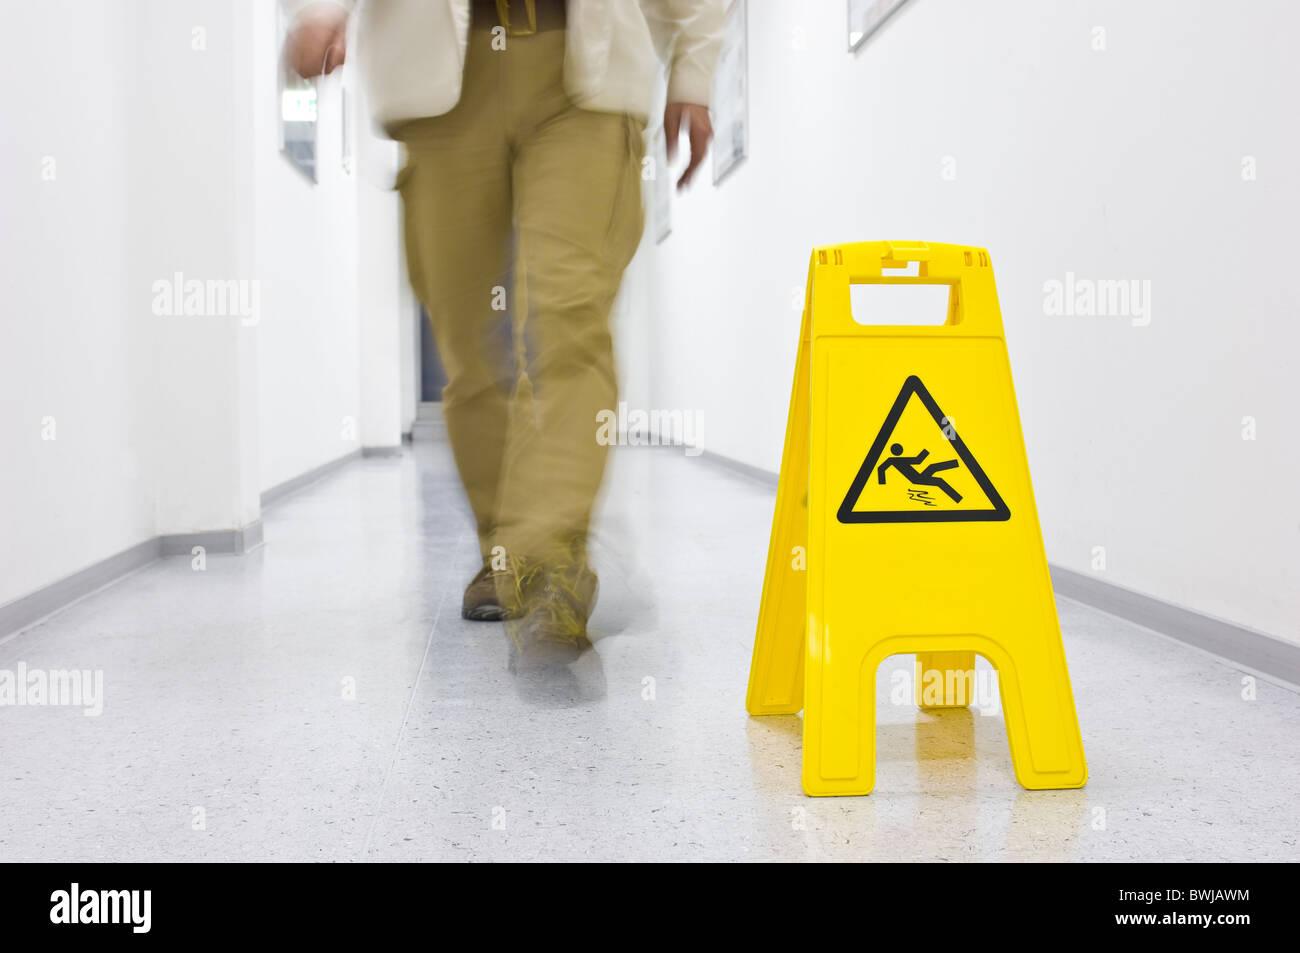 Slip danger Stock Photo